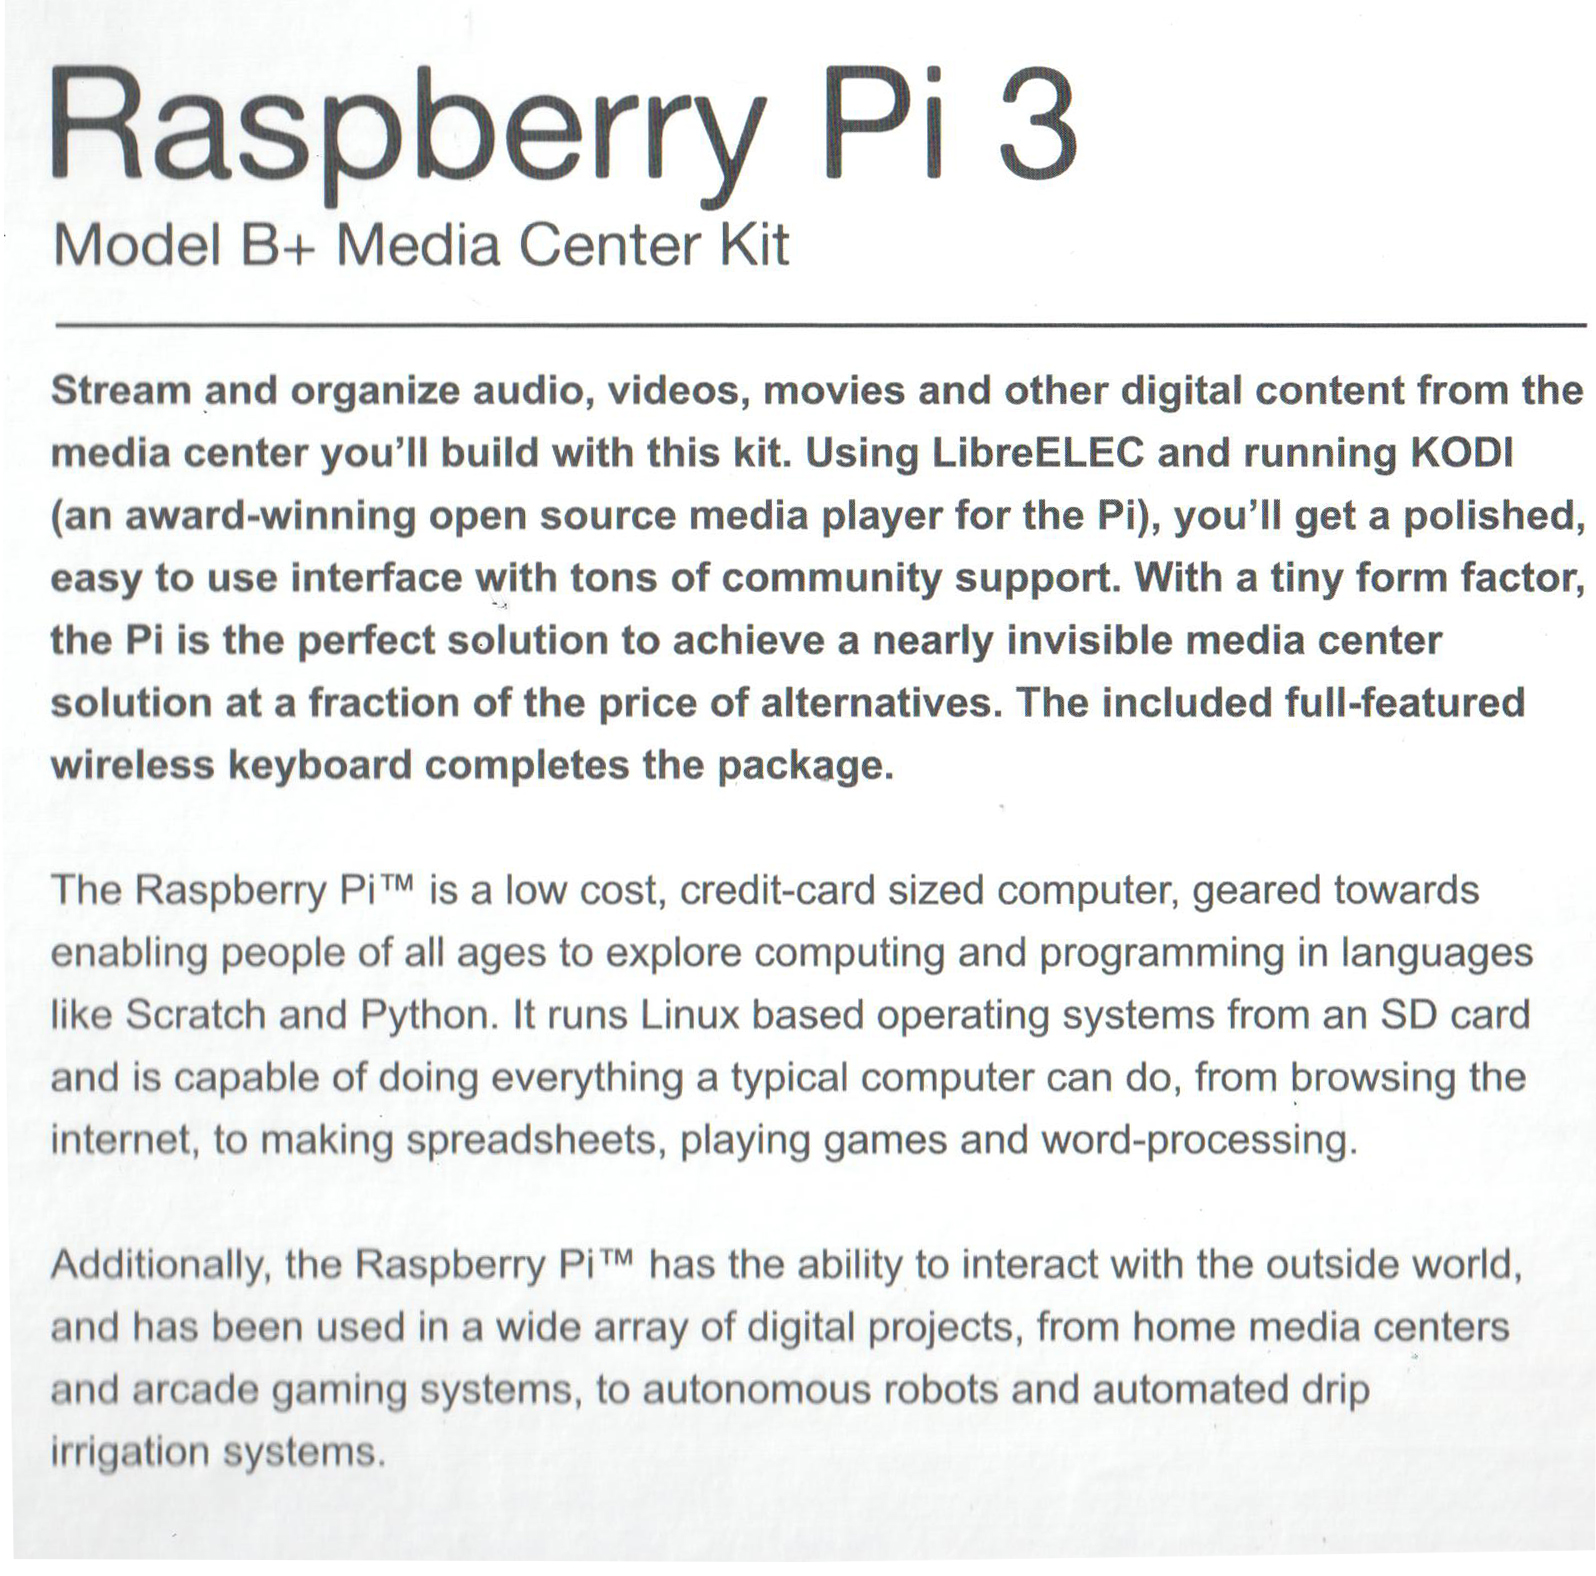 Raspberry Pi 3 B+ Kit (Model B Media Center Kit)